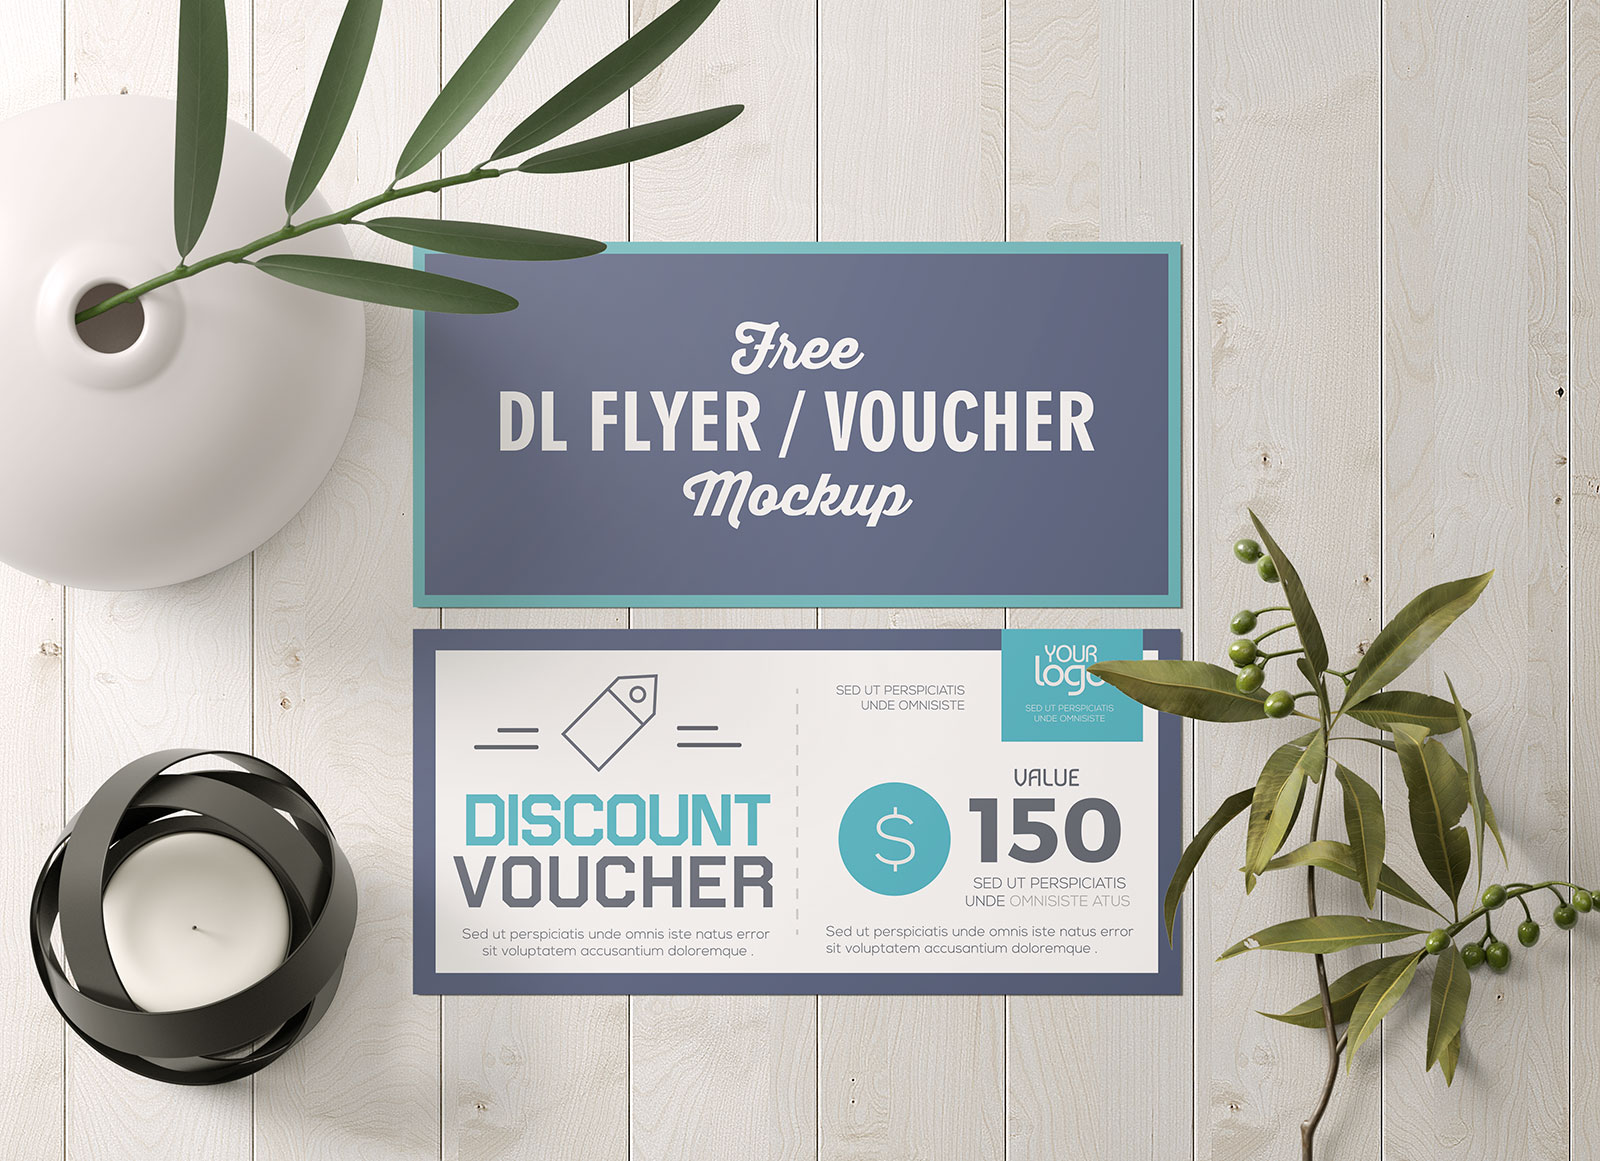 Lợi ích của Voucher/ Gift Cards đối với các doanh nghiệp nhỏ